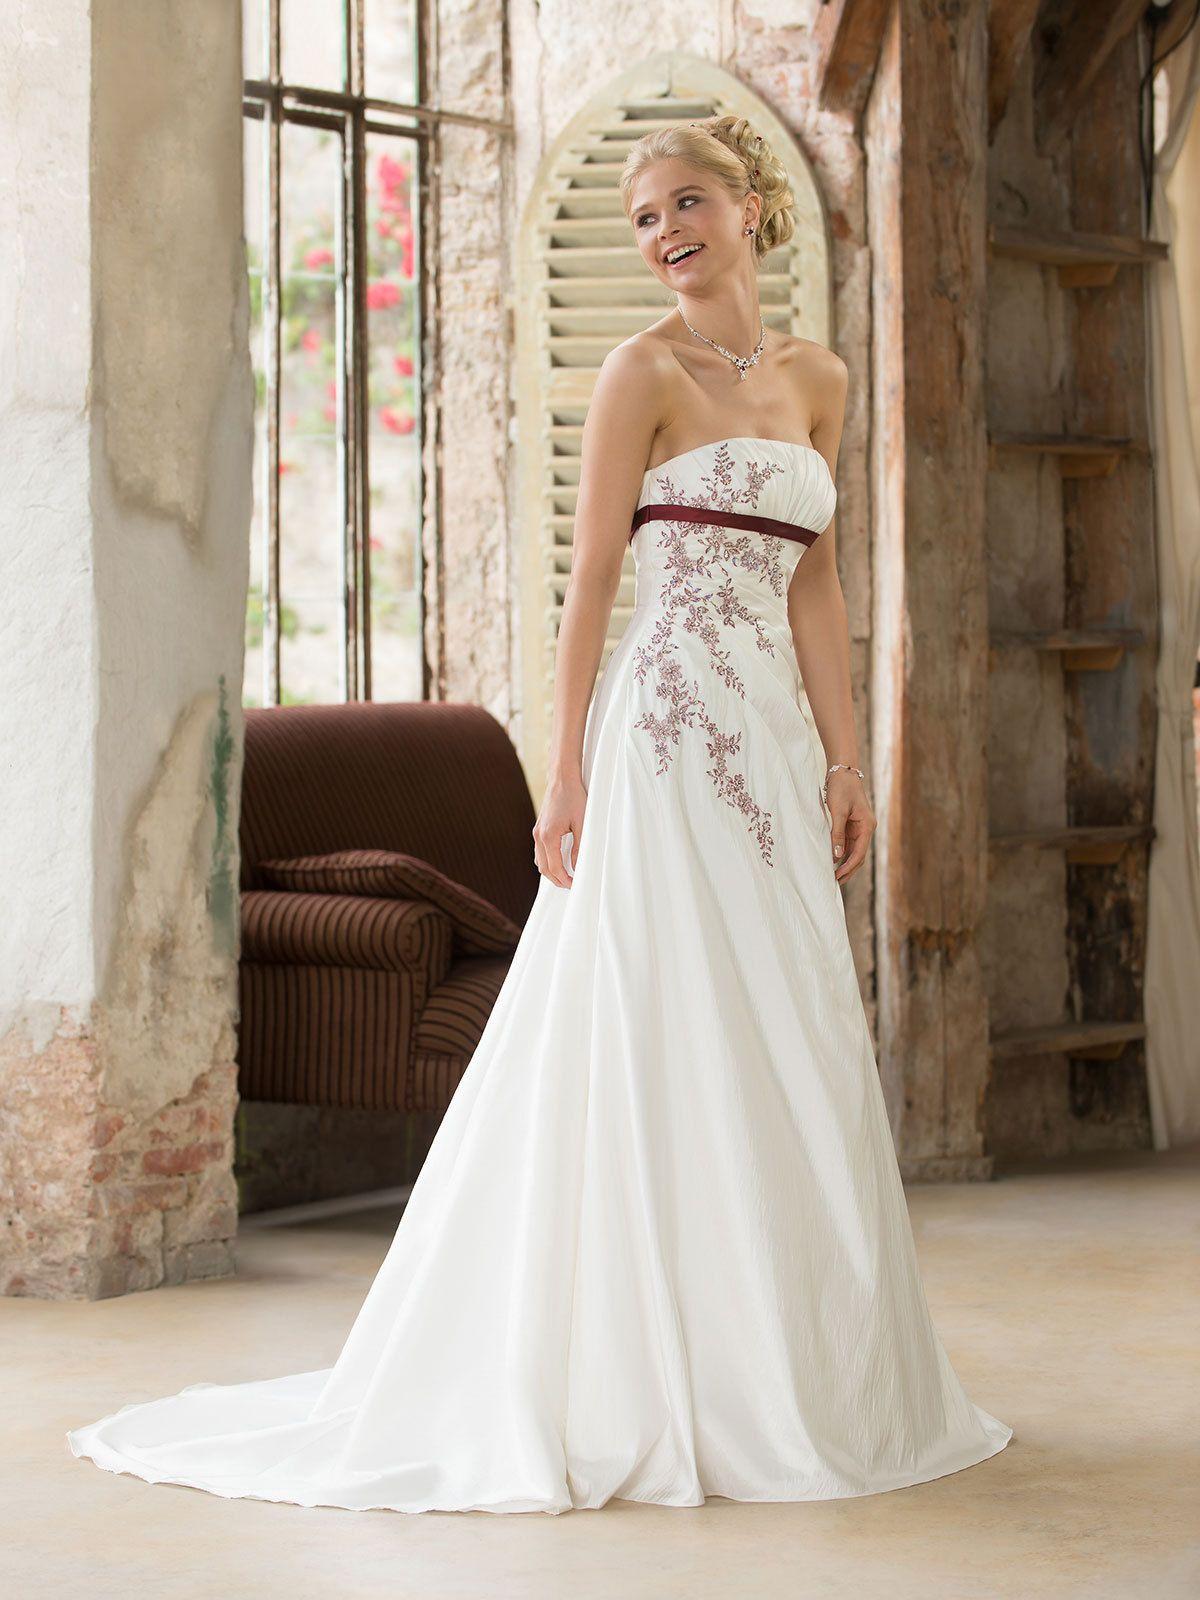 Brautkleid 32.746.2 von Weise auf Ja.de | Hochzeit | Pinterest | Wedding